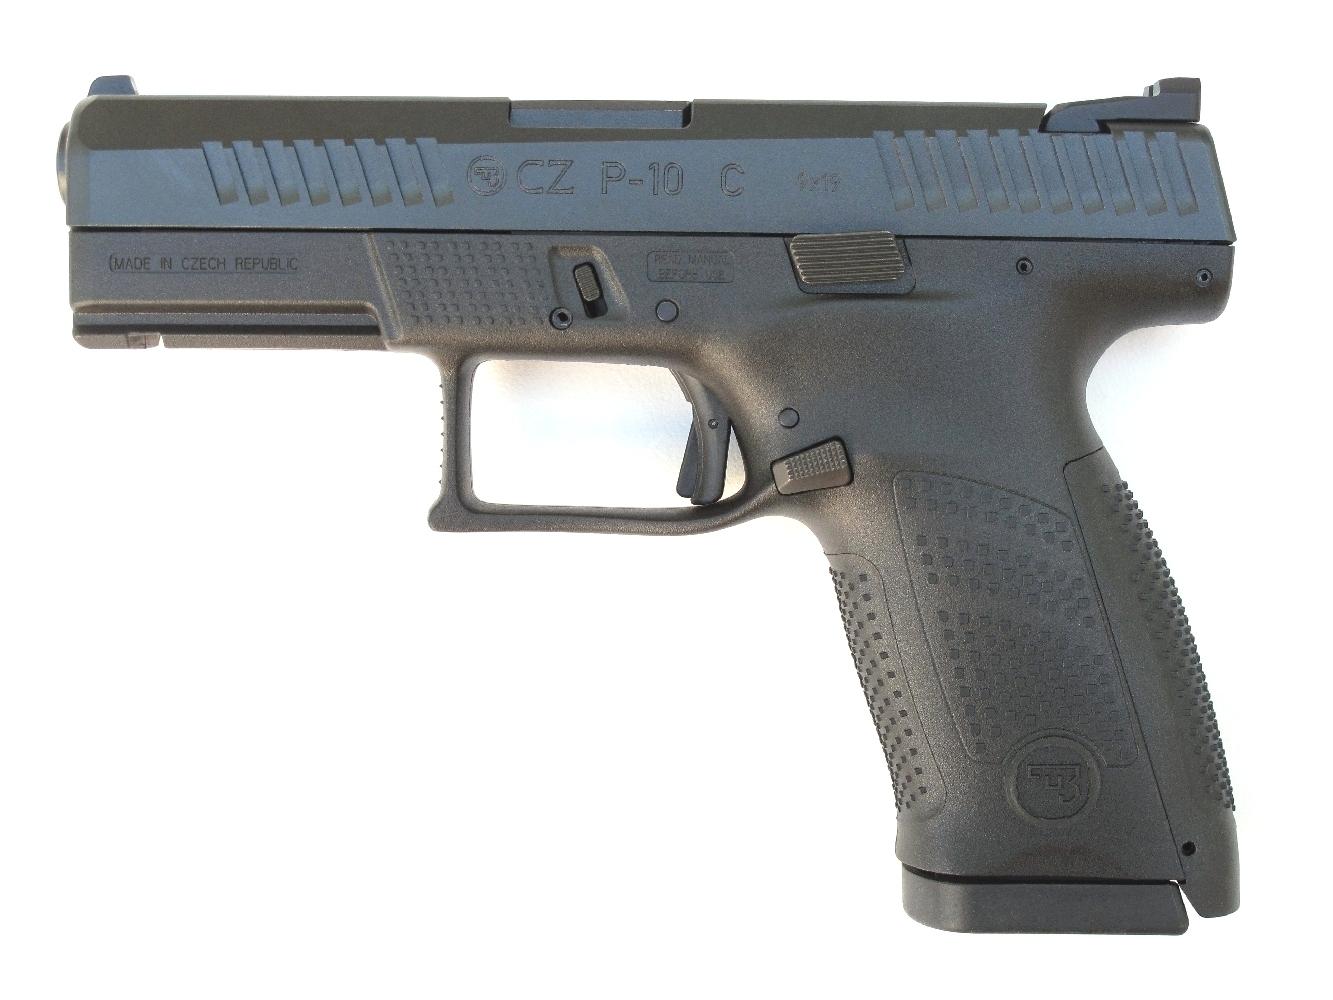 Pistolet semi-automatique CZ P-10 C en calibre 9 mm Parabellum